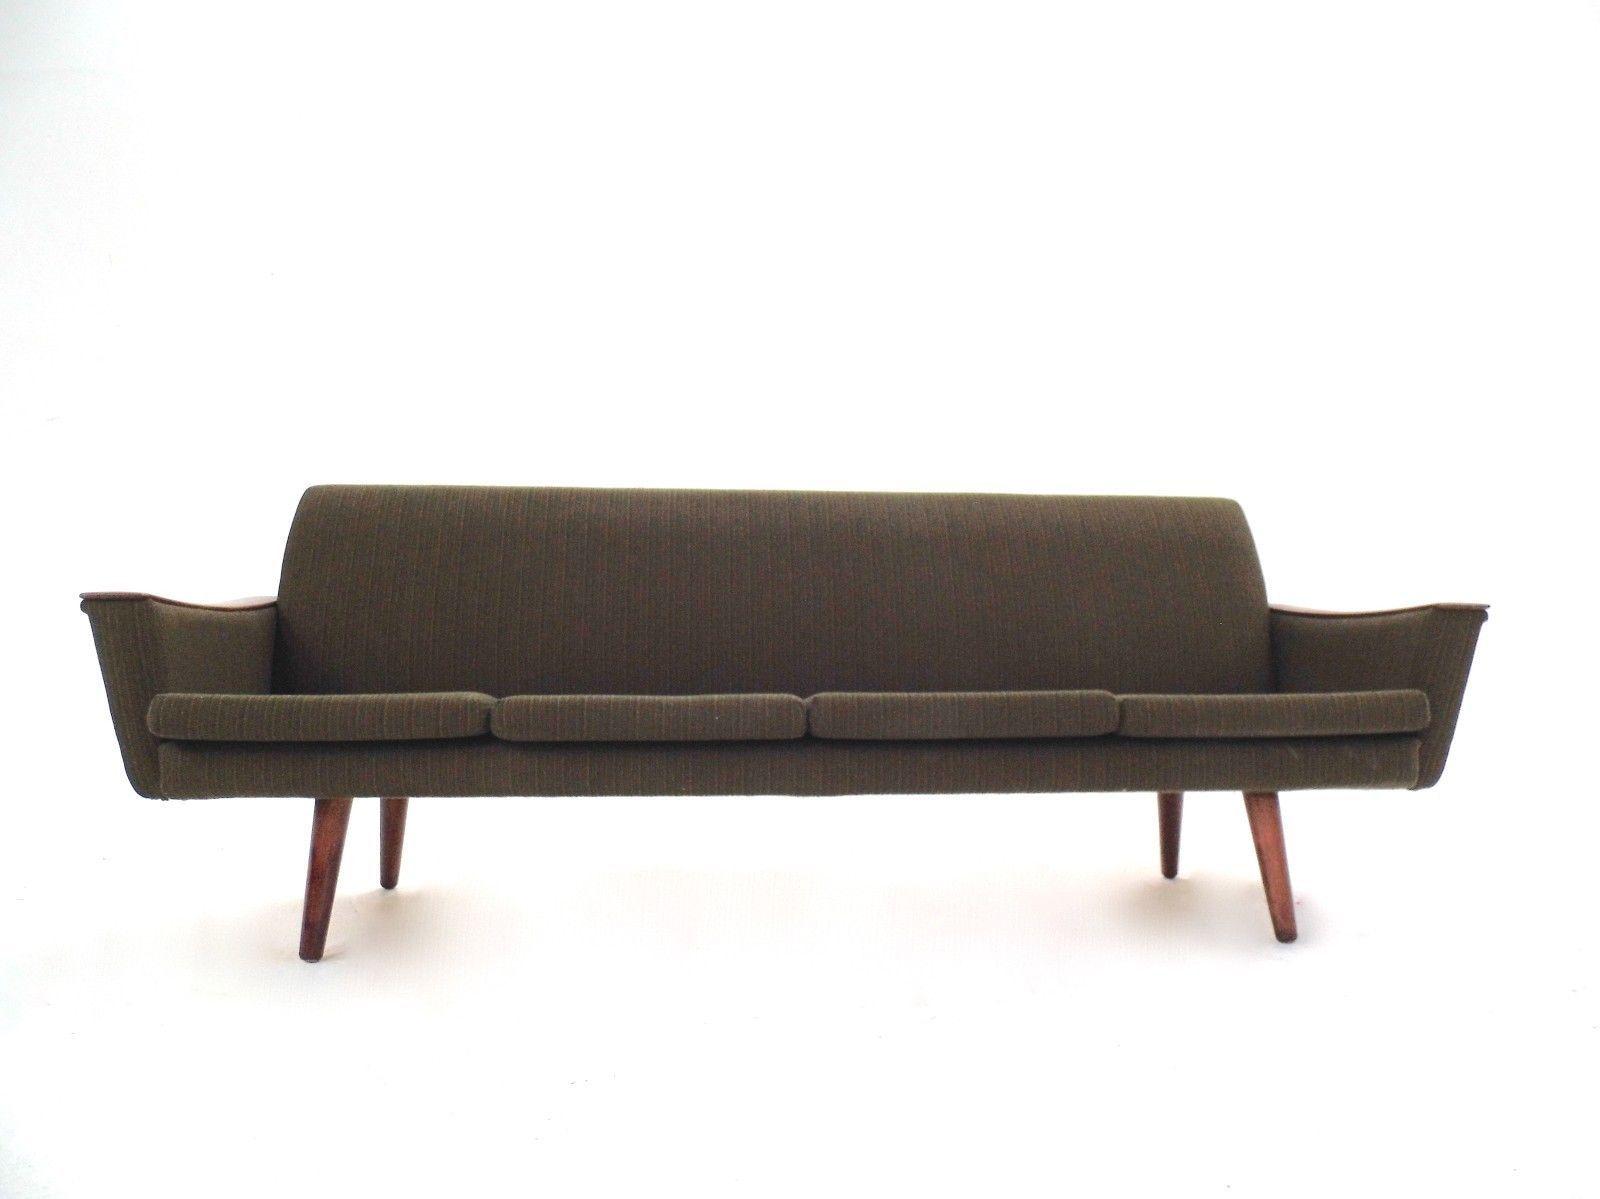 canap quatre places scandinave en laine verte et teck 1950s en vente sur pamono. Black Bedroom Furniture Sets. Home Design Ideas